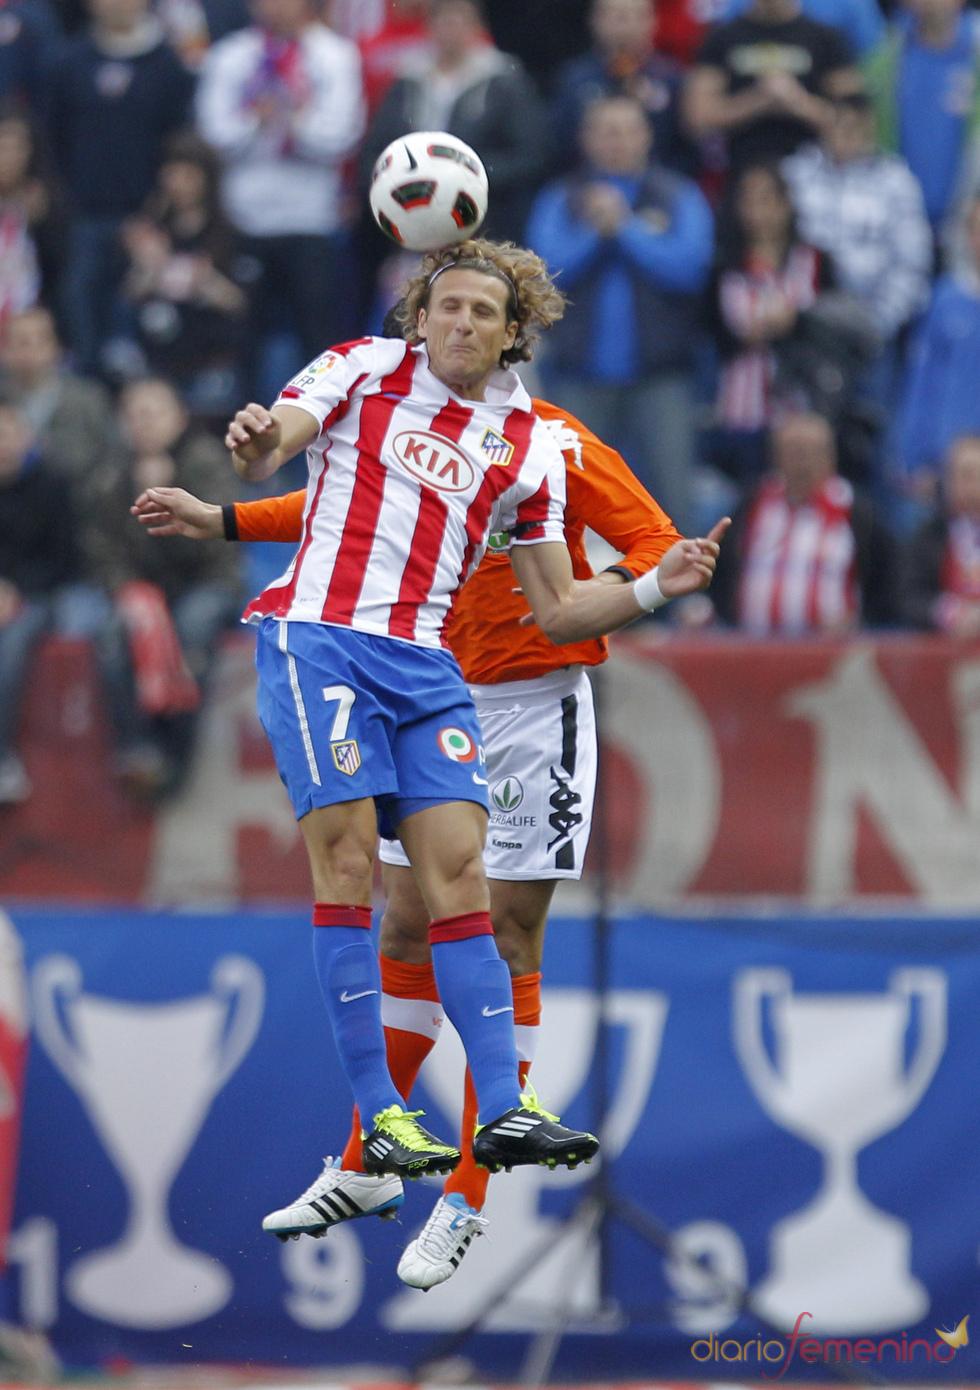 Diego Forlán lucha por el balón en un partido de fútbol